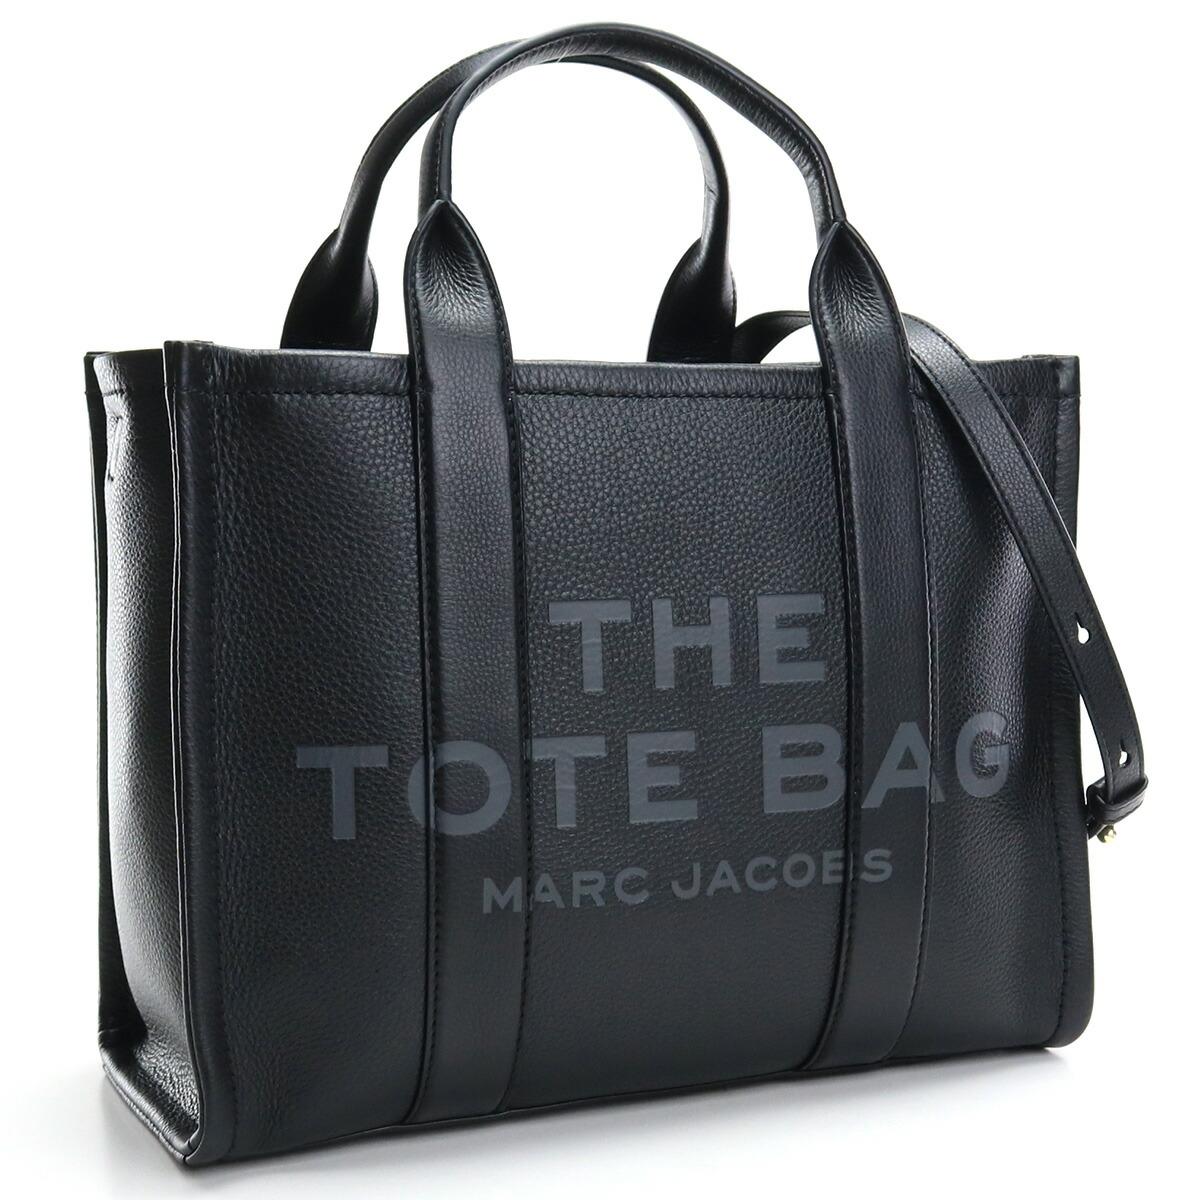 マーク・ジェイコブス MARC JACOBS SMALL TRAVELER TOTE トートバッグ ブランドバグ H004L01PF21 001 BLACK ブラック